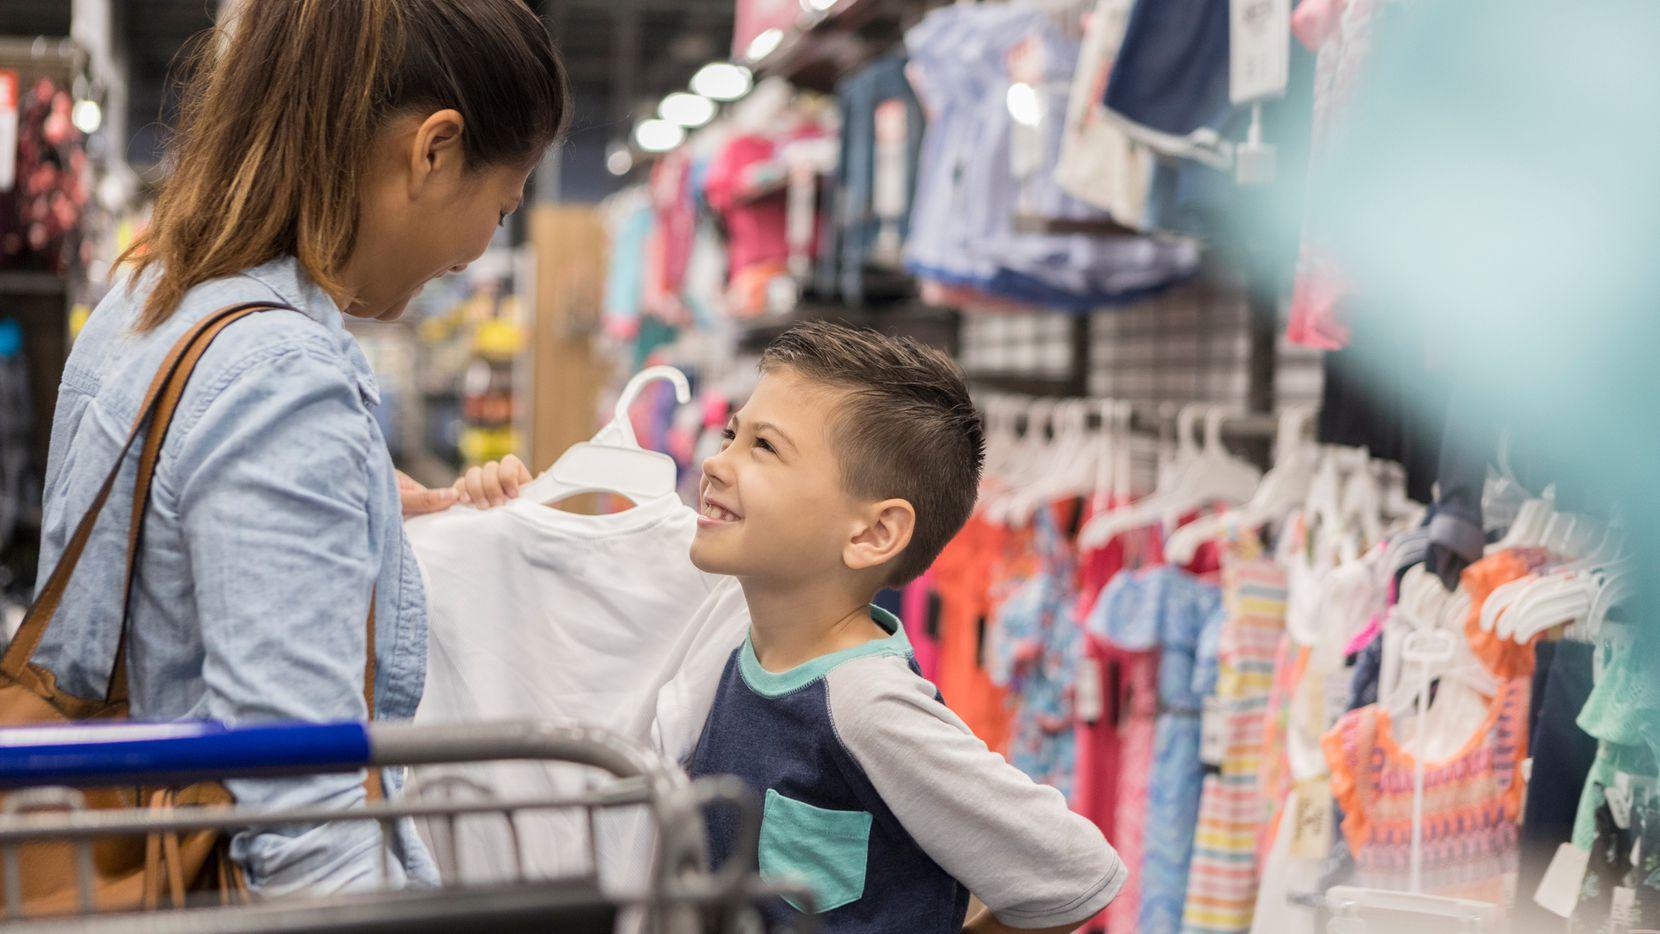 Mochilas, útiles escolares, zapatos y ropa entre lo que califica para el 'Tax-free Weekend'. Fin de Semana Libre de Impuestos empieza el viernes 7 y termina el domingo 9 de agosto.